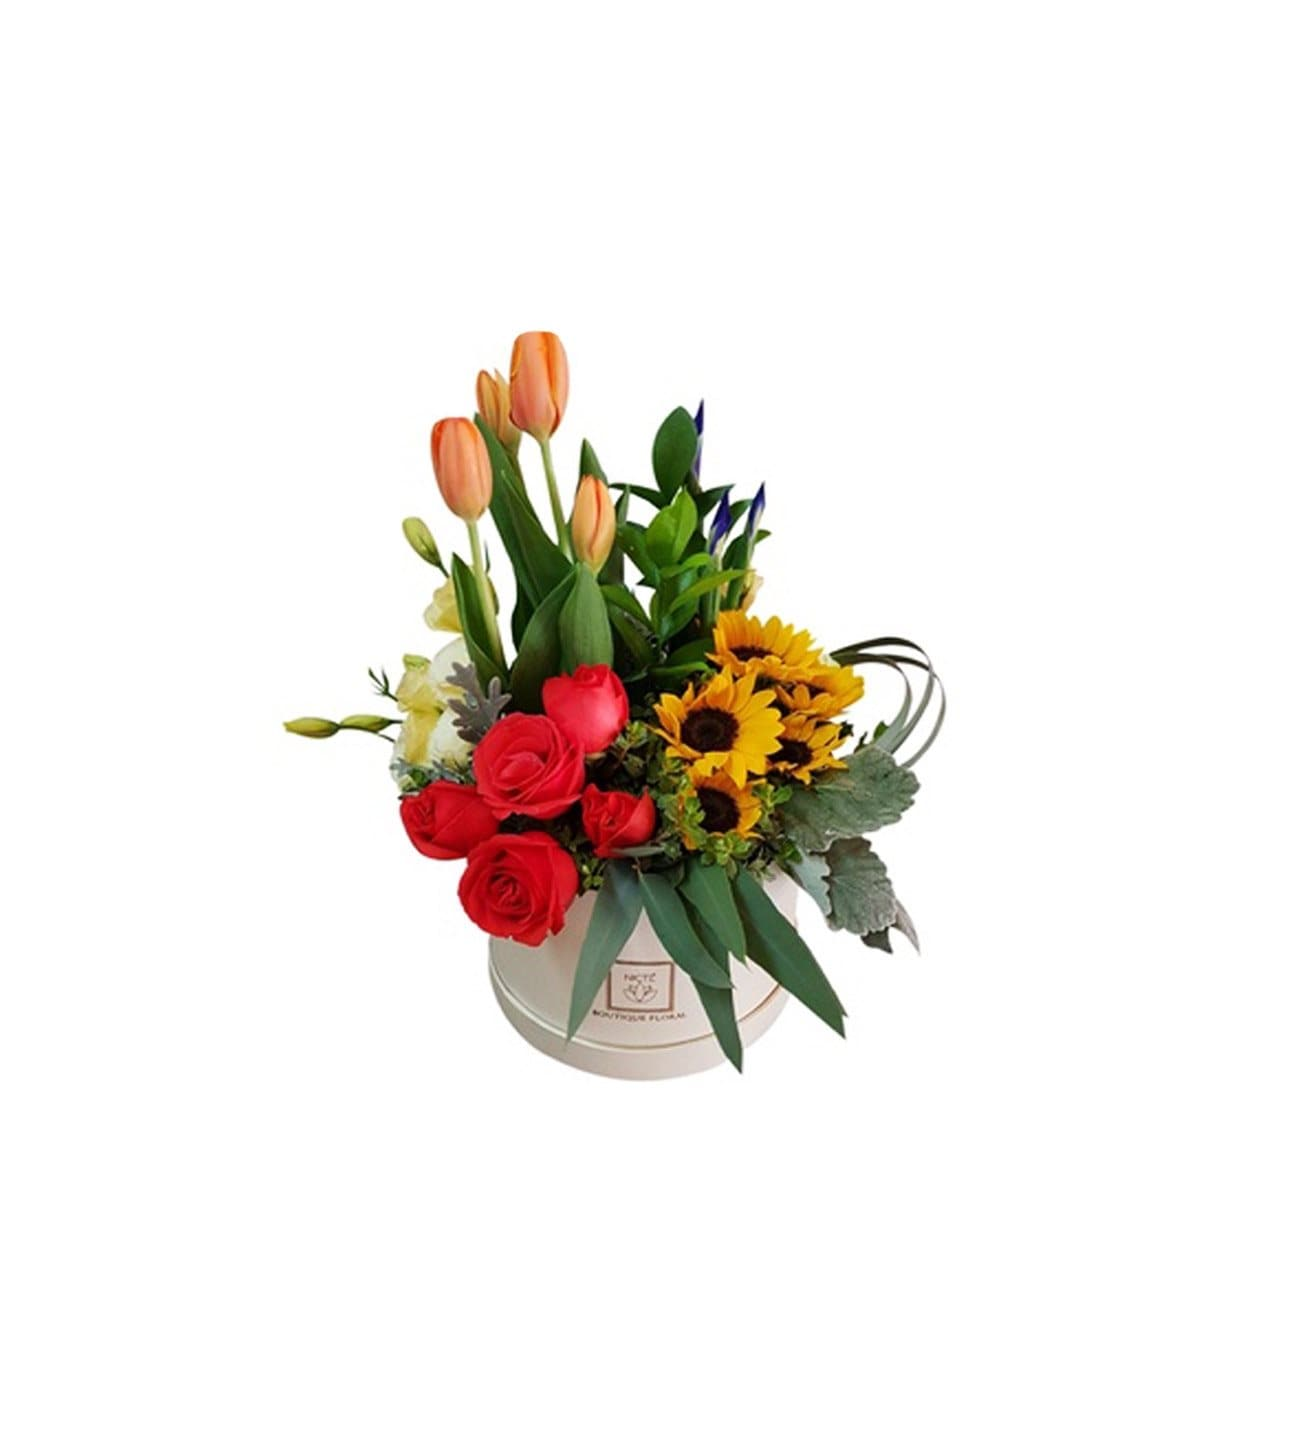 Bonita Caja Beige Con Rosas Naranjas Tulipanes Girasoles Iris Lisianthus Y Follajes Exoticos De Flores Nicté